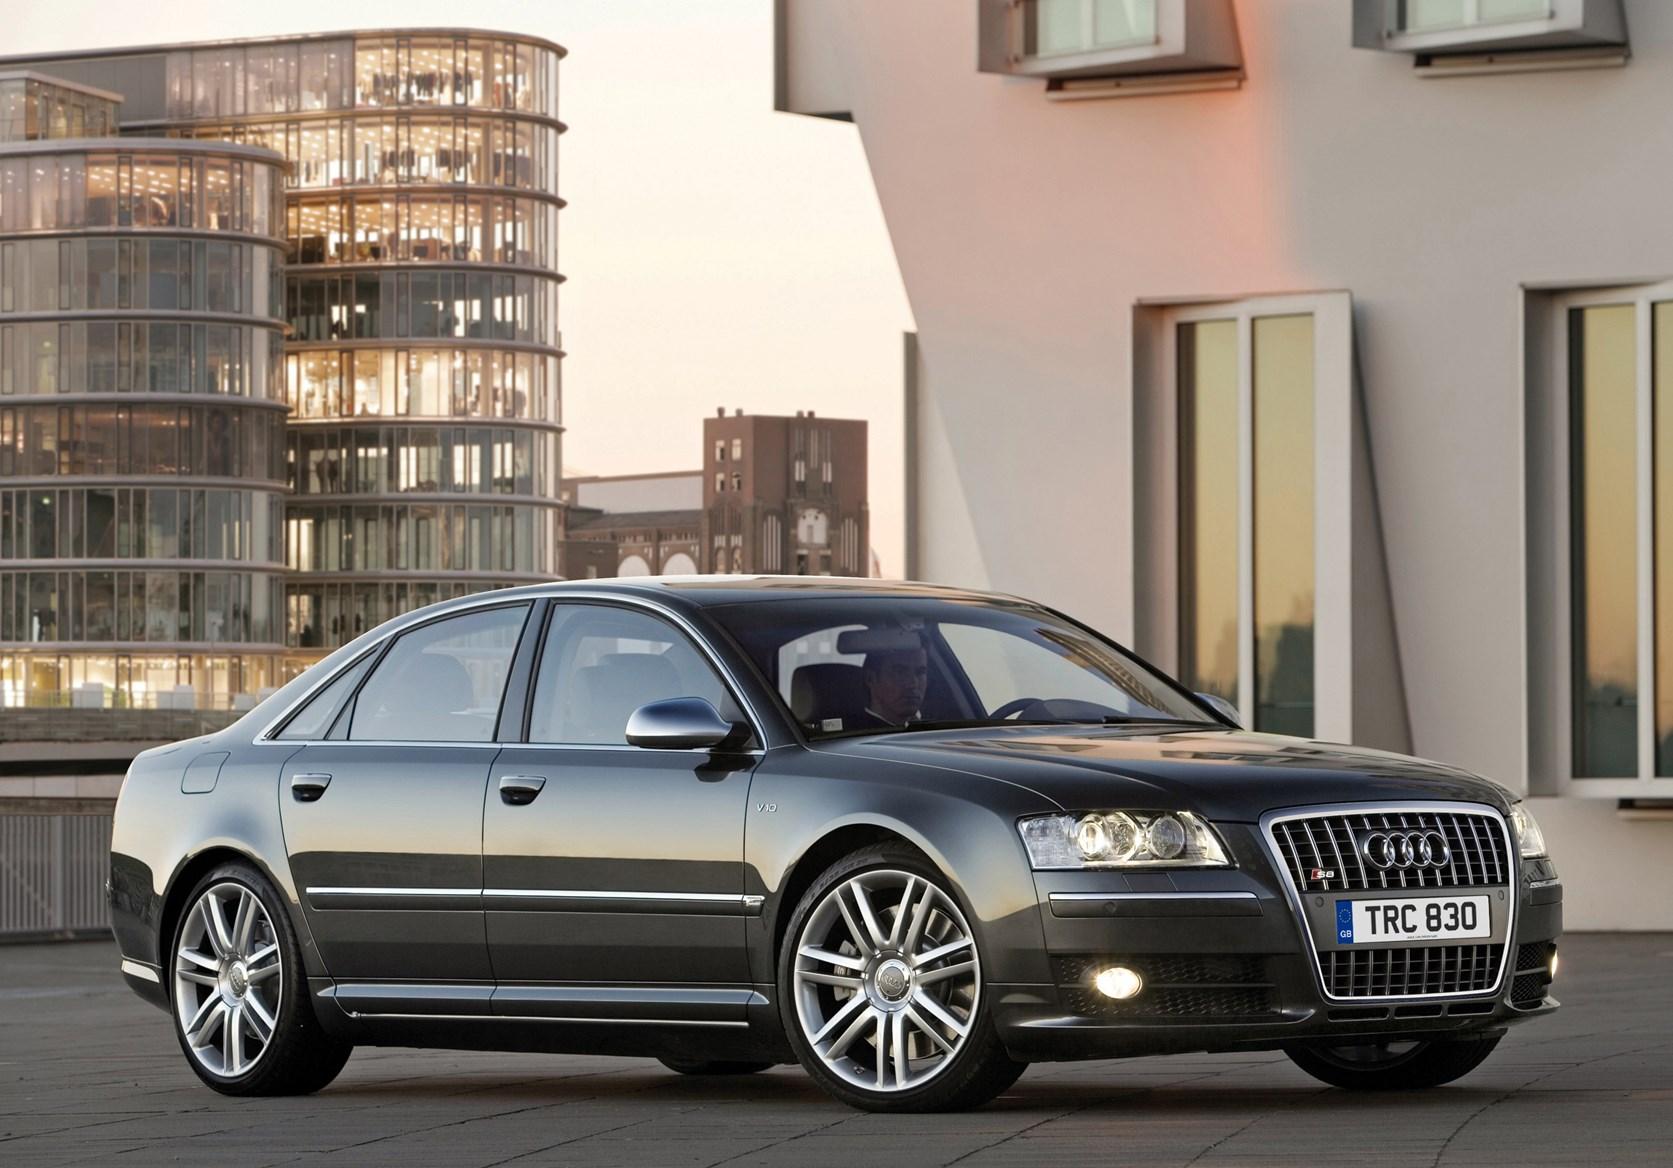 Audi A S Review Parkers - 2007 audi a8